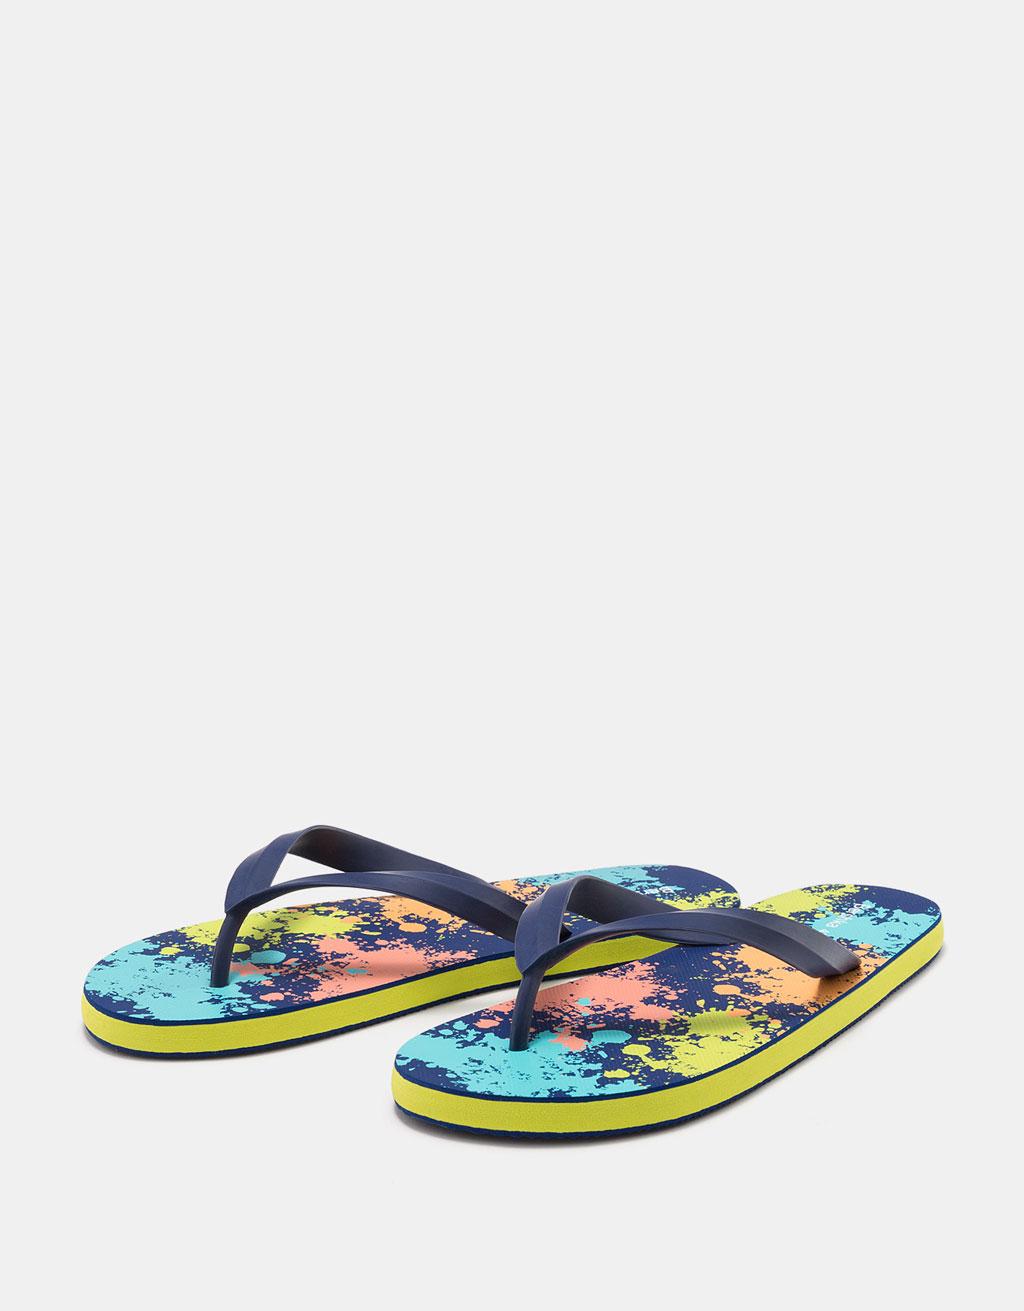 Bainurako sandalia koloreaniztunak, gizonezkoentzat